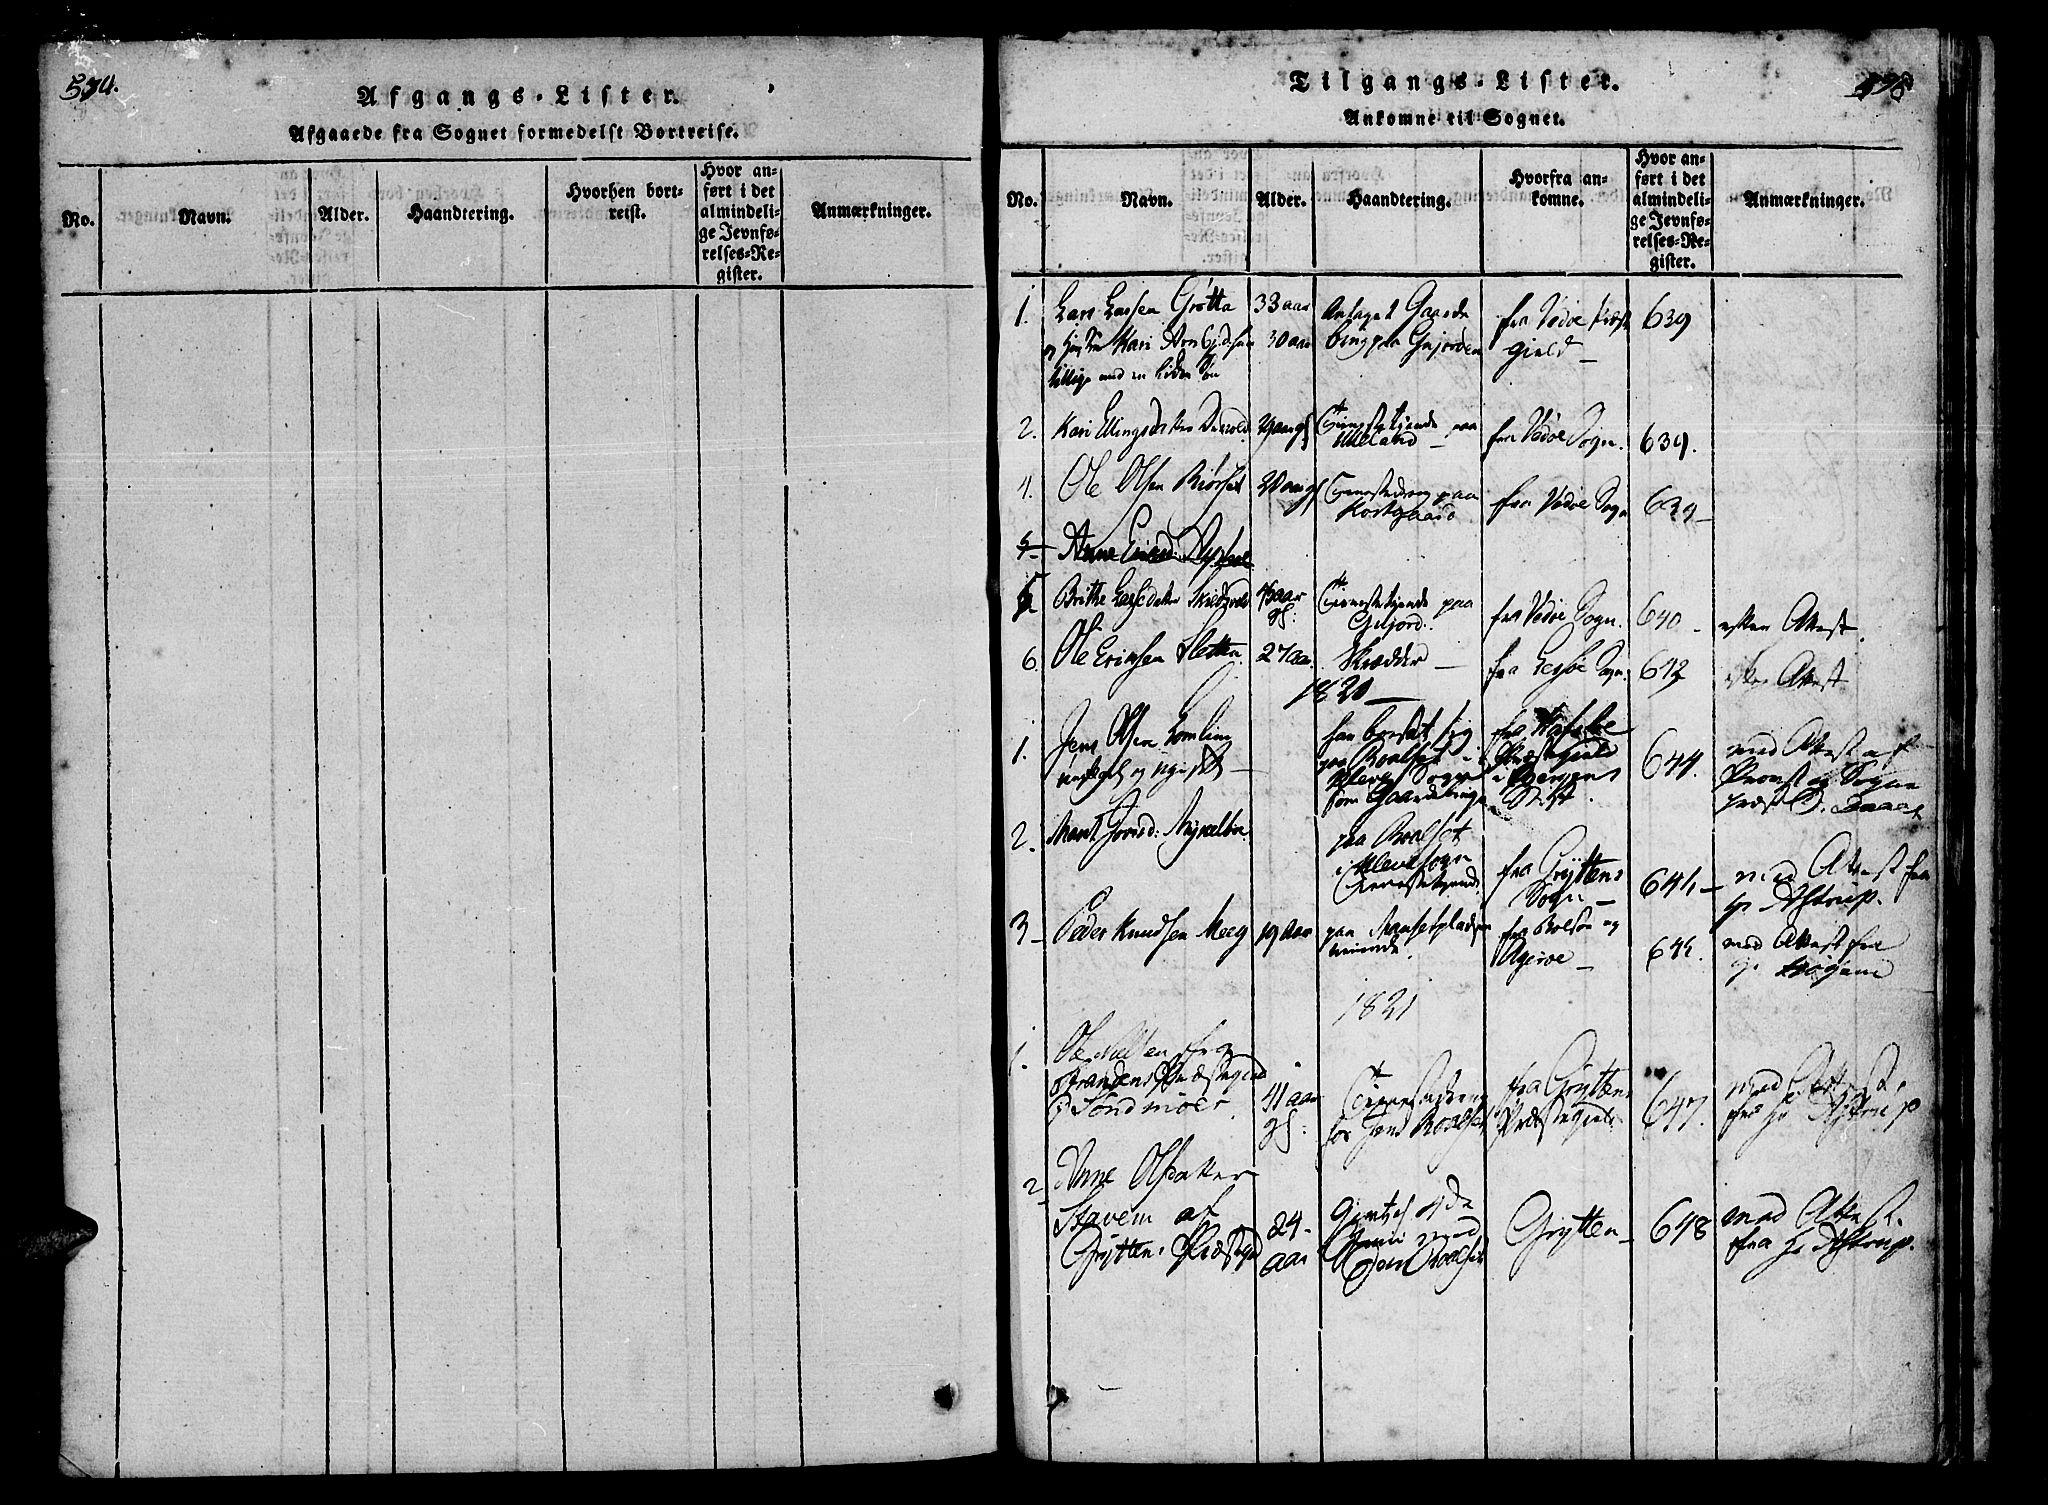 SAT, Ministerialprotokoller, klokkerbøker og fødselsregistre - Møre og Romsdal, 557/L0679: Ministerialbok nr. 557A01, 1818-1843, s. 594-595